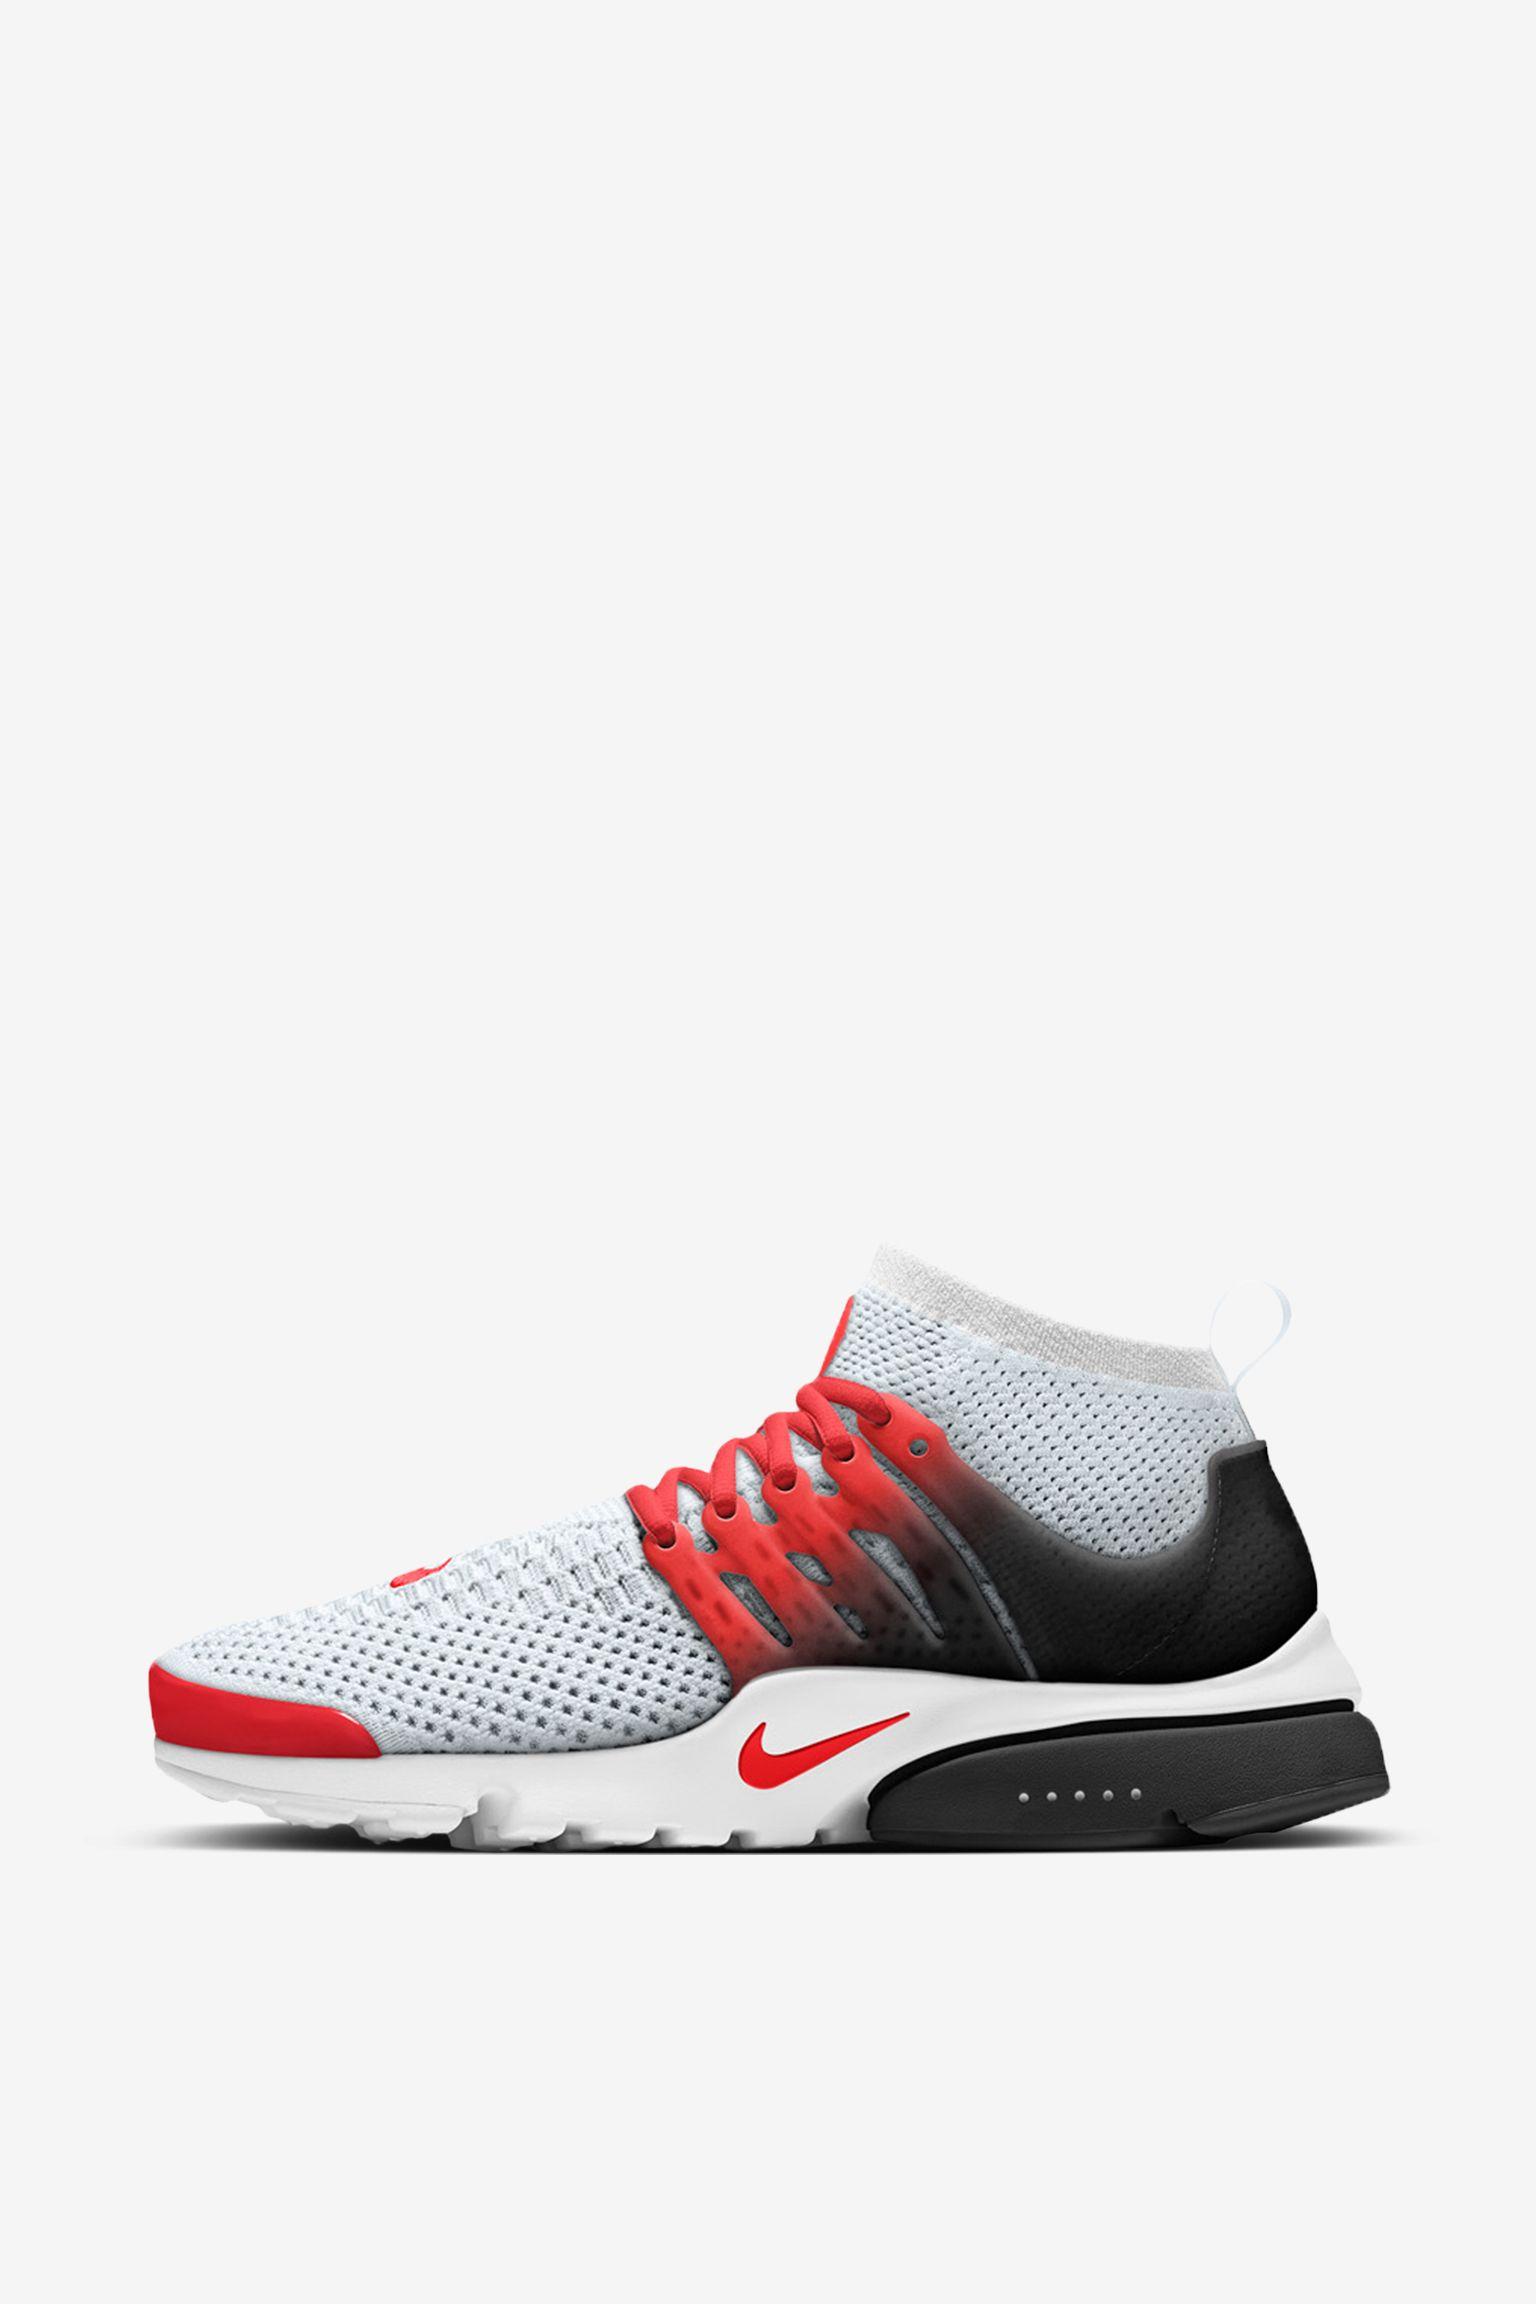 Nike Air Presto Ultra Flyknit iD 'Multi' Release Date